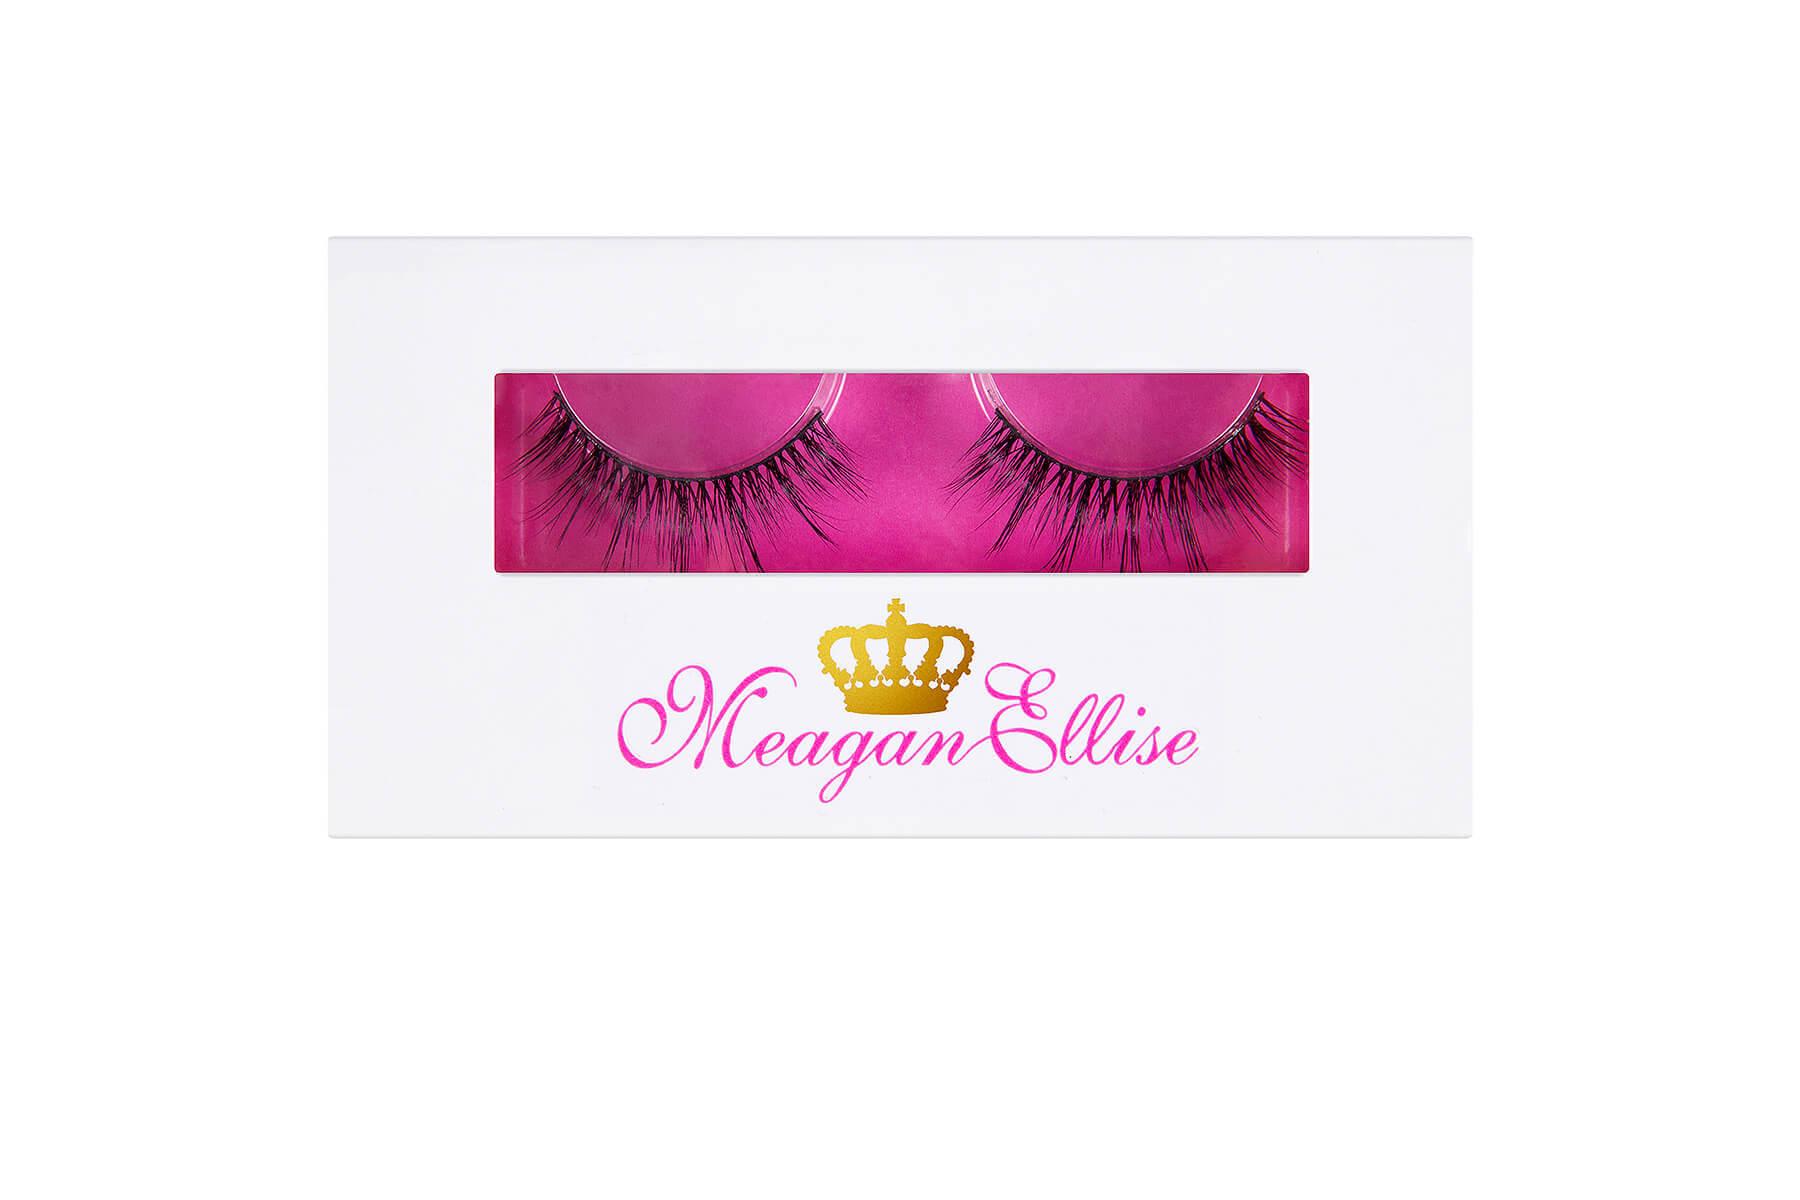 MeaganEllise Signature Mink Eyelashes